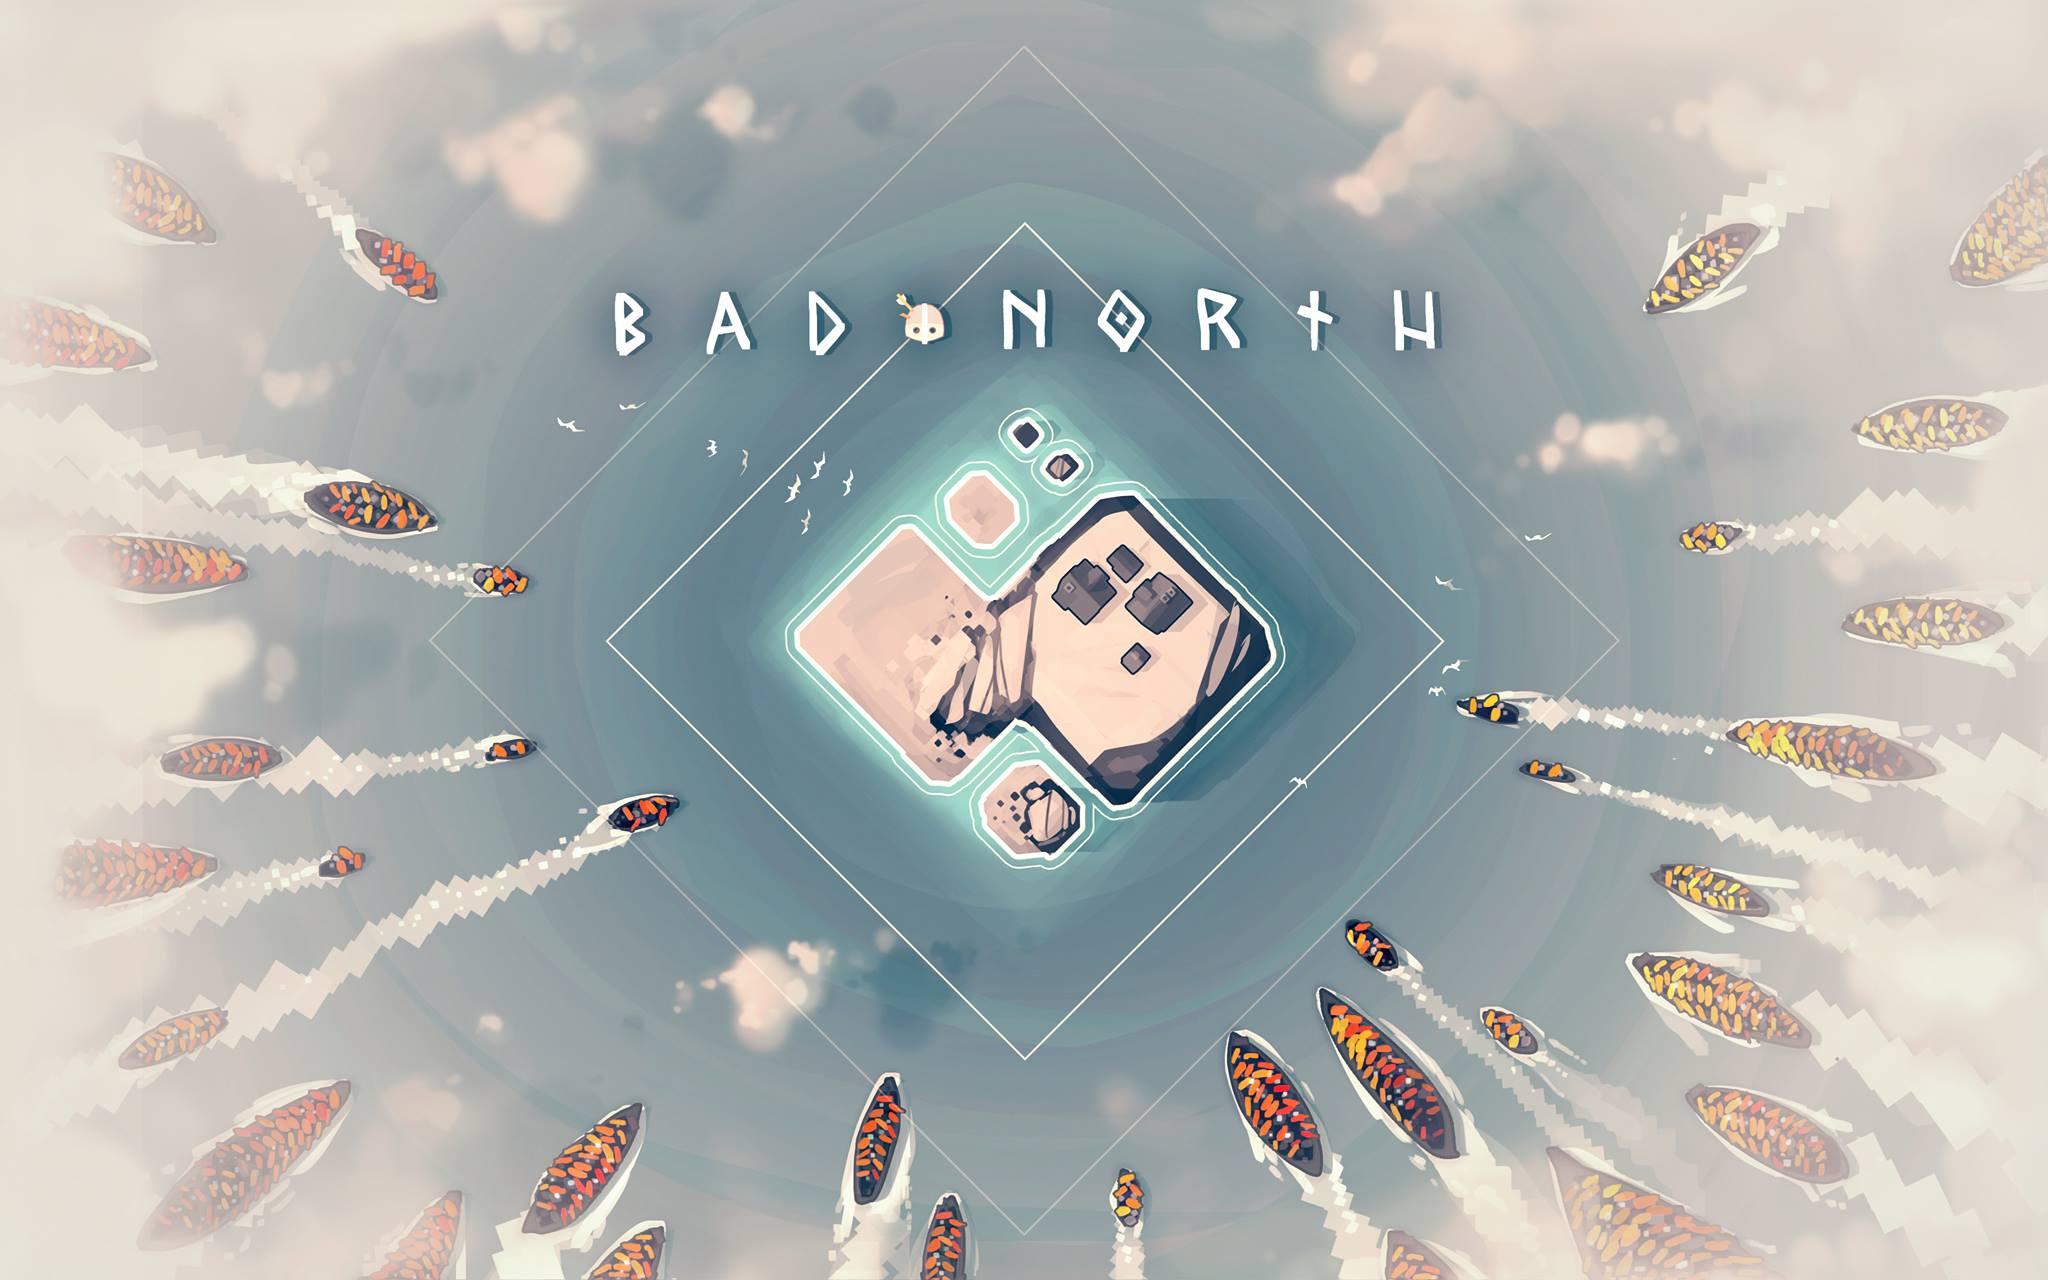 [补链]绝境北方(Bad North)插图5